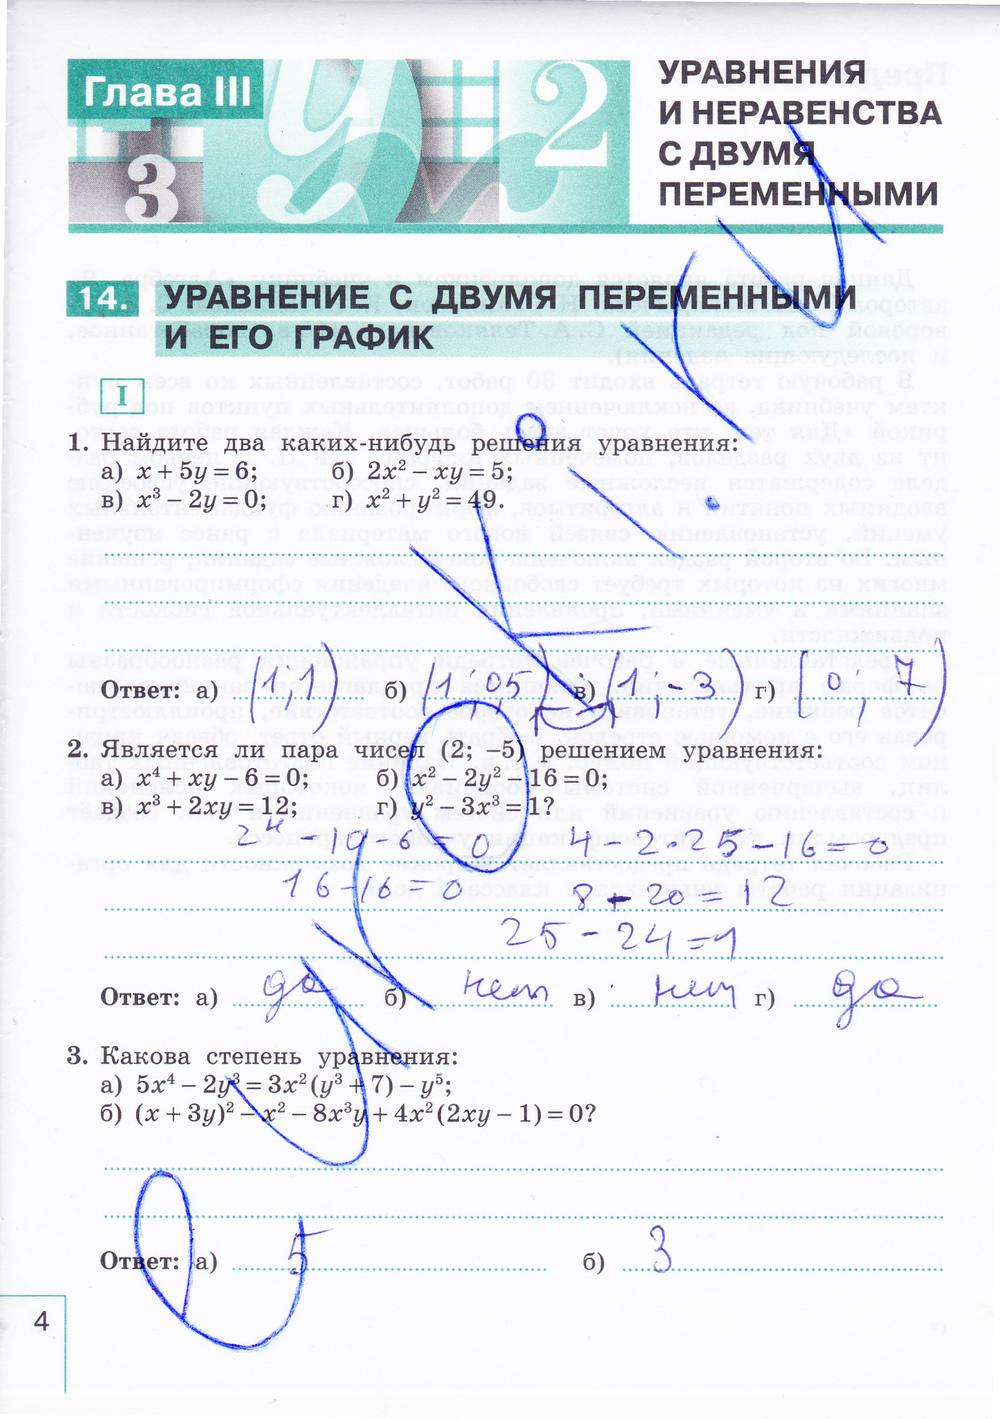 Гдз по алгебре 9 класс рабочая тетрадь часть 2 миндюк шлыкова 2